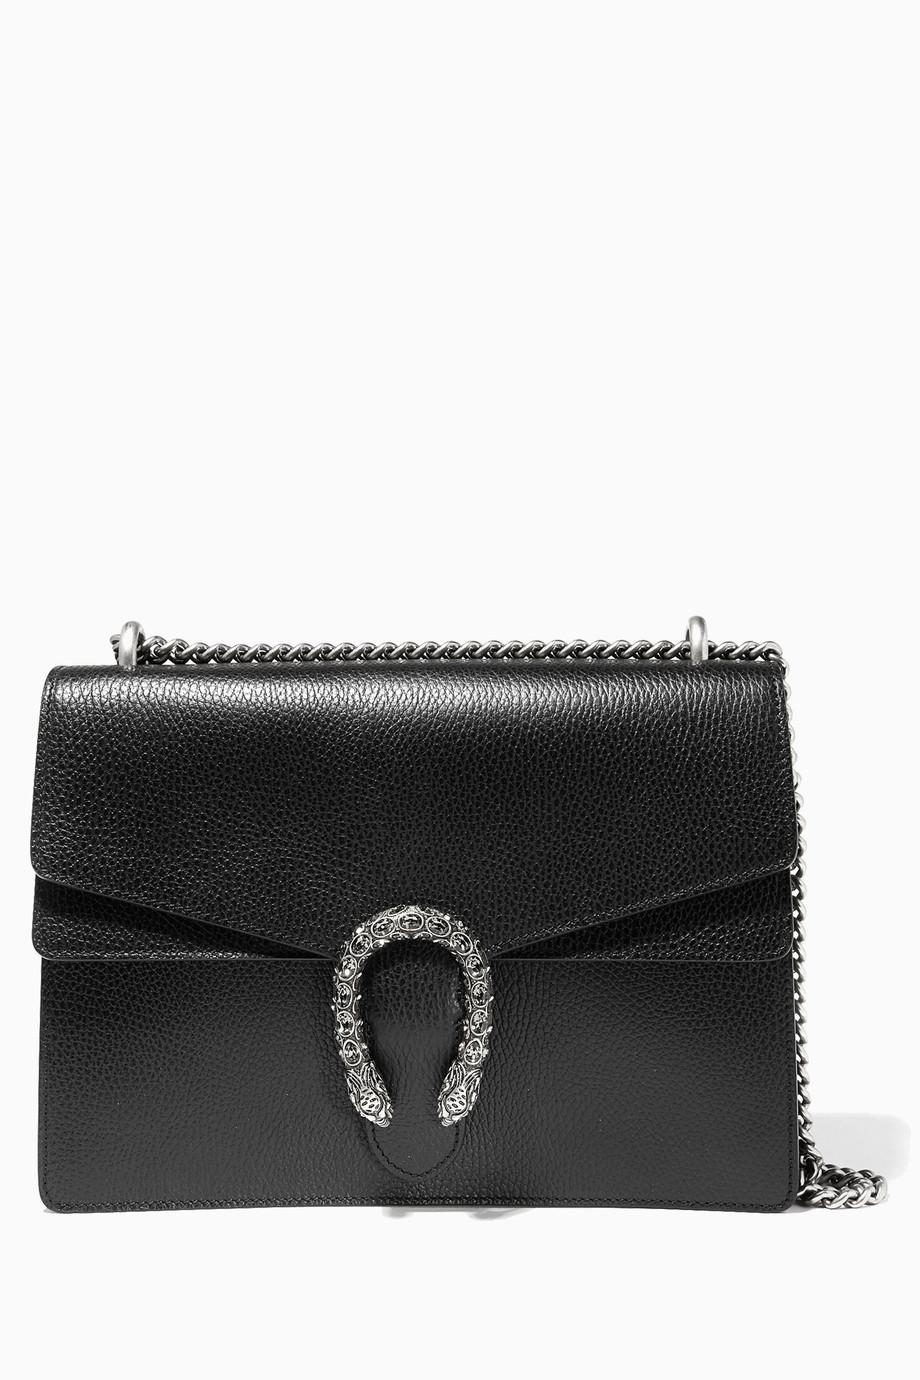 97b5f3bbab2e4 تسوق حقيبة الكتف الجلدية السوداء ديونيسوس Gucci ملون للنساء